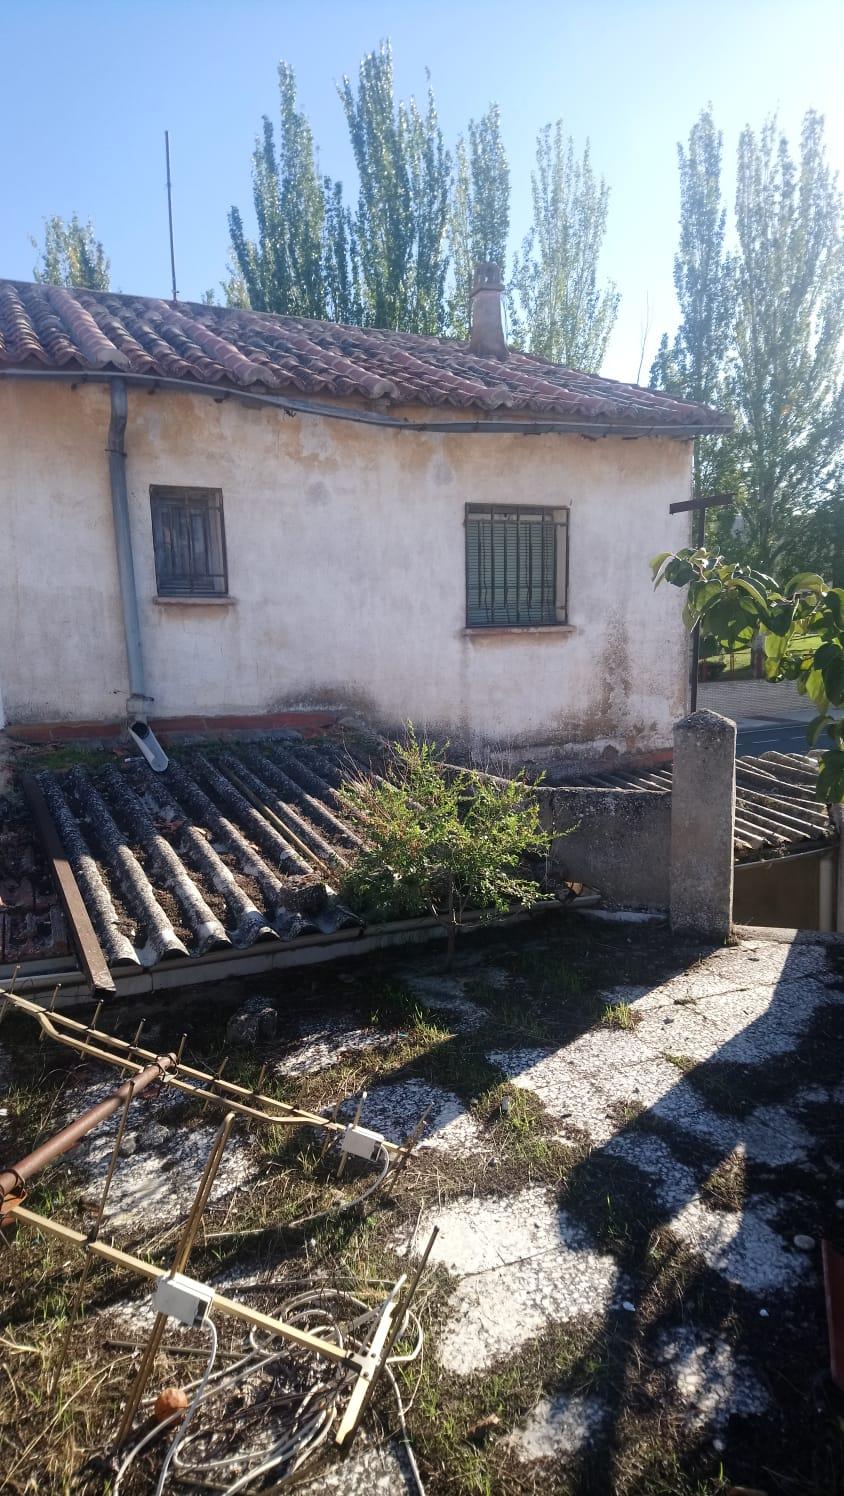 CASA CON GARAJE Y TERRAZA EN BARRIO DE LA VEGA (REF: 202) - foto 5 08613483-6135-4e78-8f58-c0d895045e1b.jpg